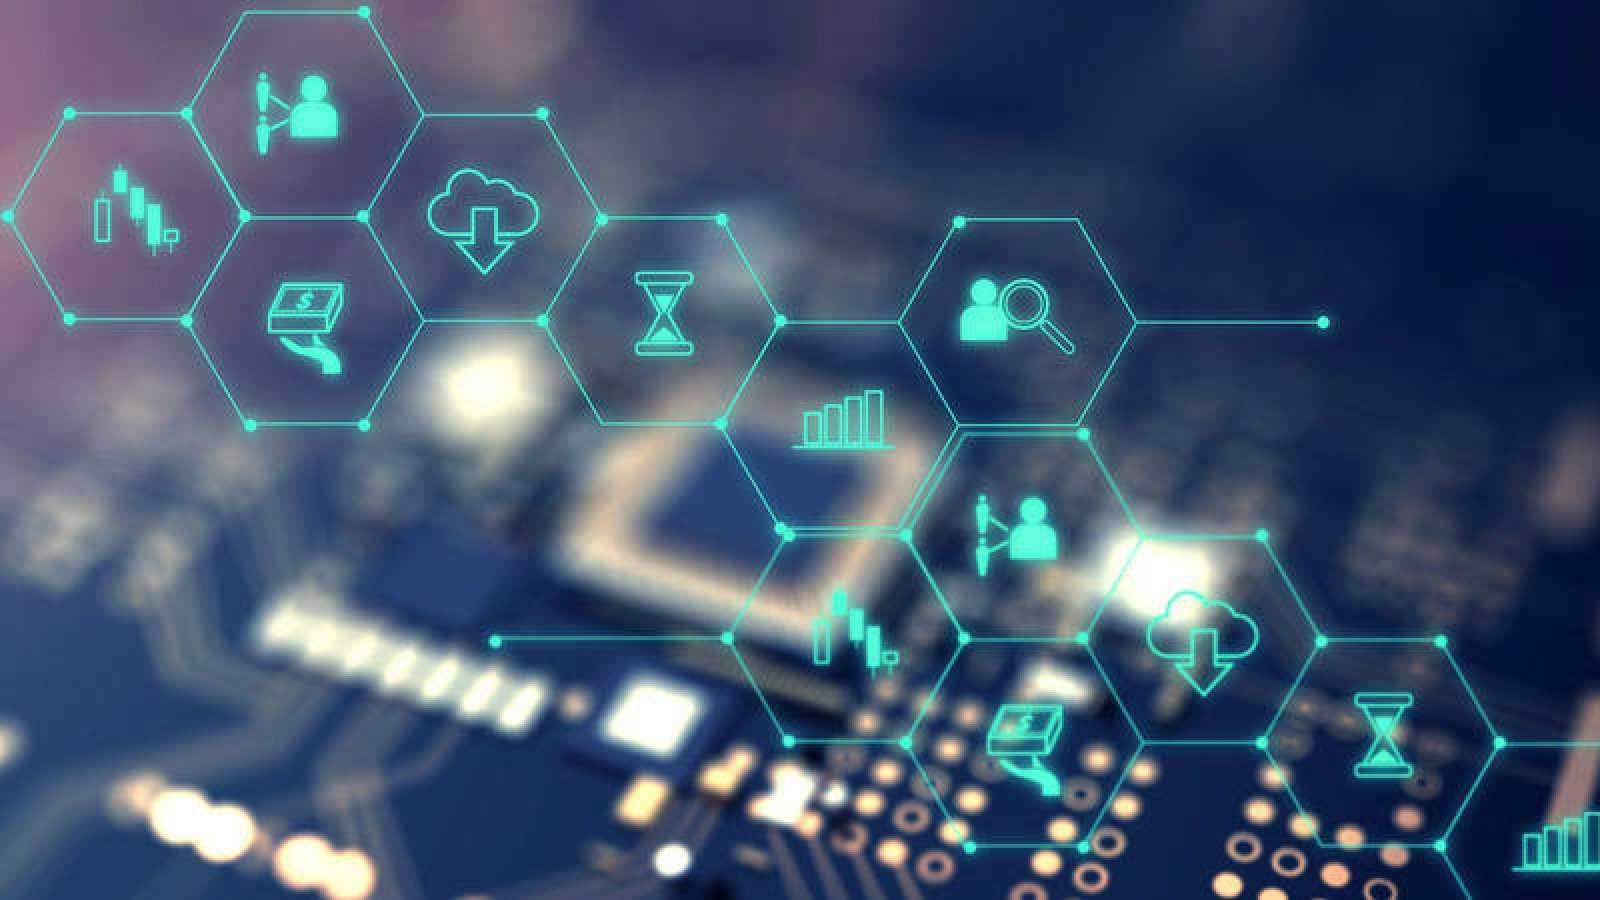 Luego de un recorte en la inversión durante la pandemia, las empresas esperan que el gasto en tecnologías emergentes como blockchain aumente en los próximos meses